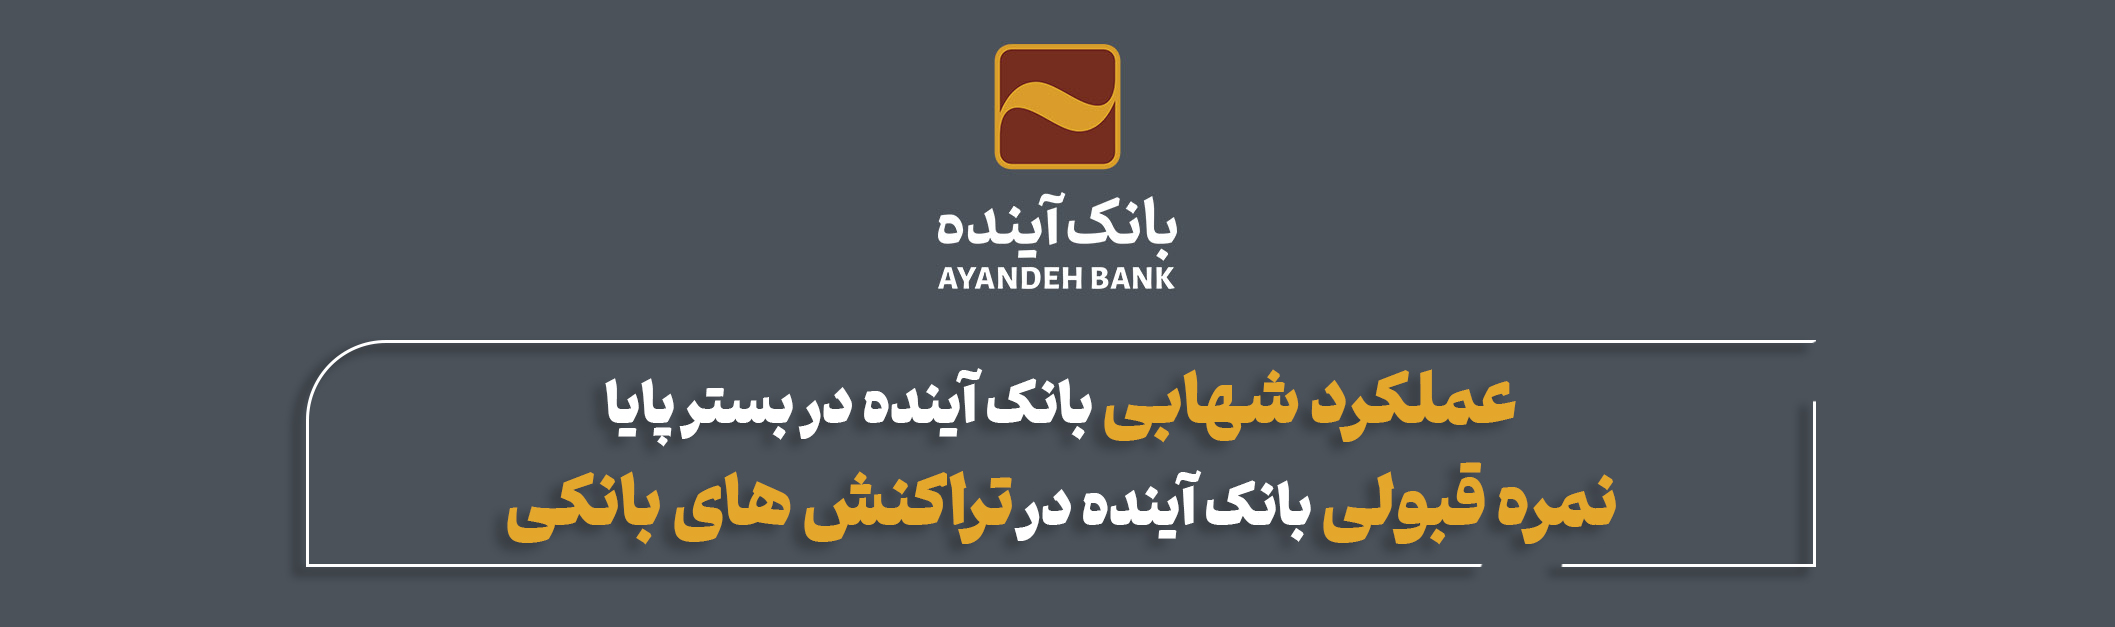 بانک آینده شهاب